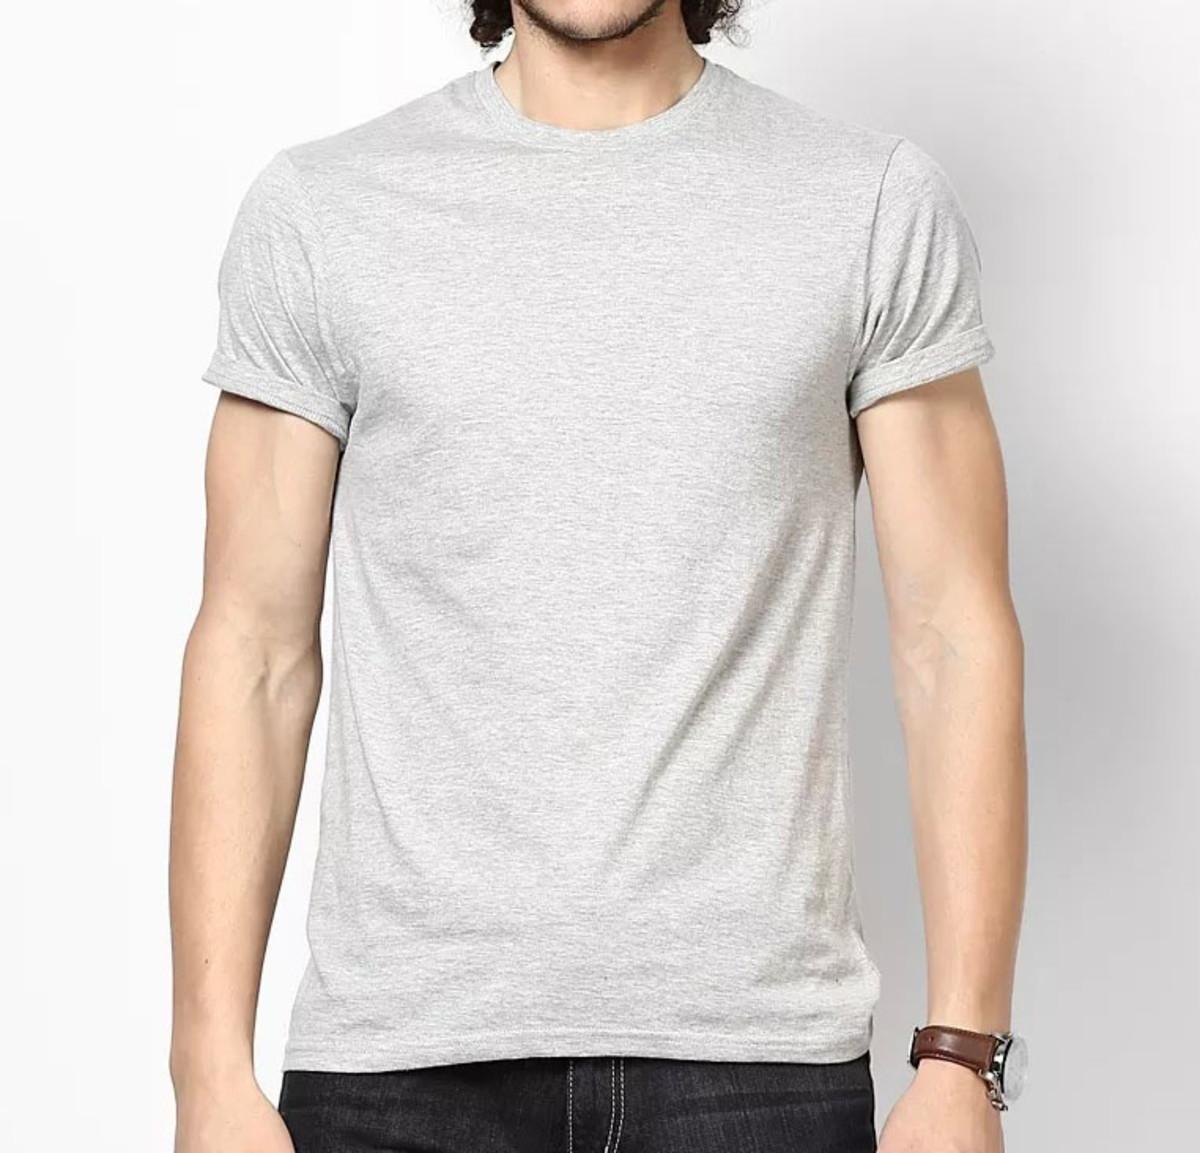 258f5c499c Camiseta 100% Algodão Sem Estampa Fio 30.1 Lisa Mescla Cinza no Elo7 ...